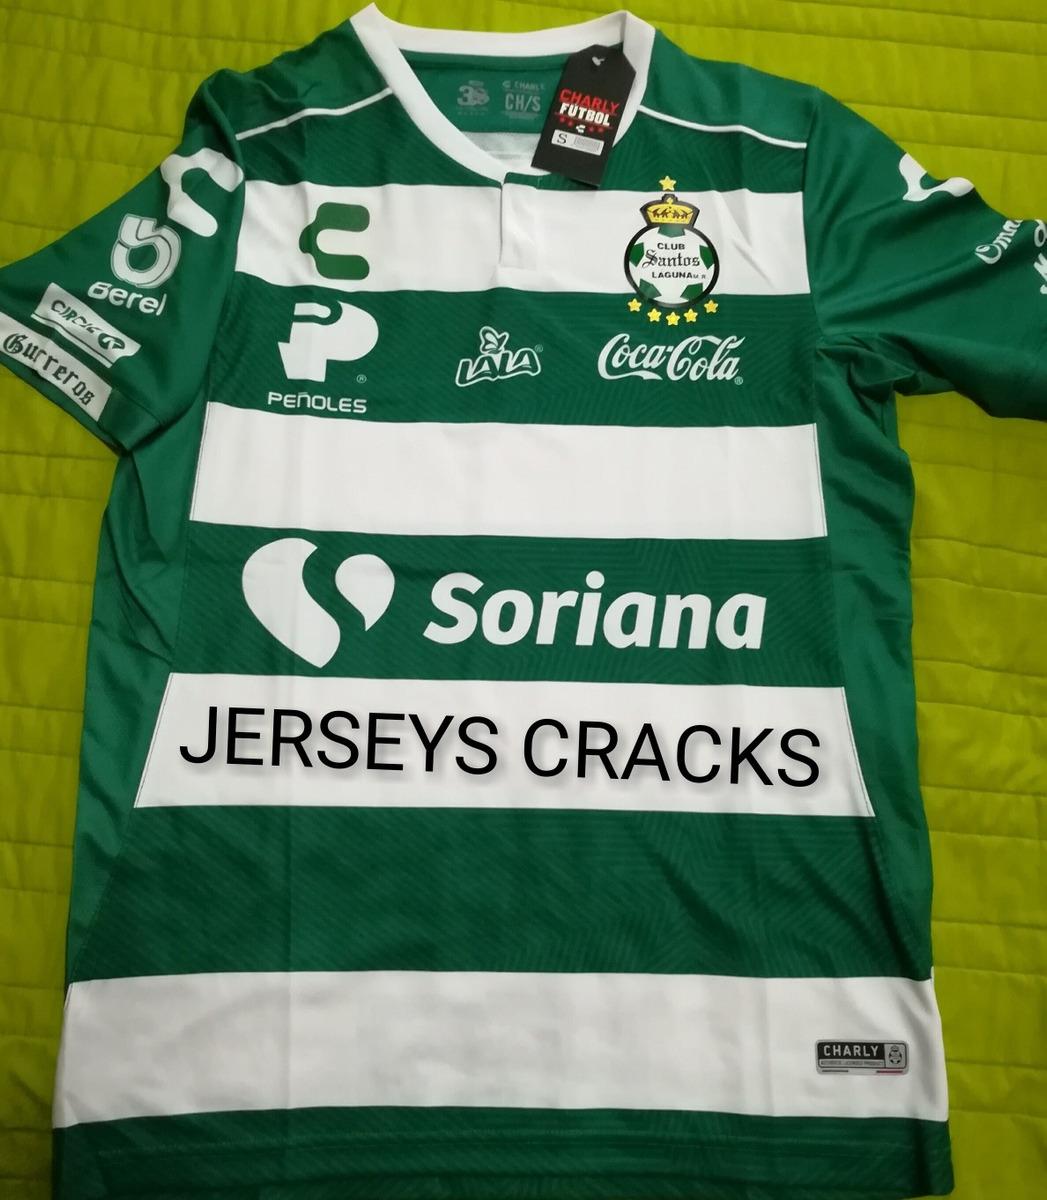 Simplemente Bonito Jersey De Santos -   550.00 en Mercado Libre f0d3542c4c326